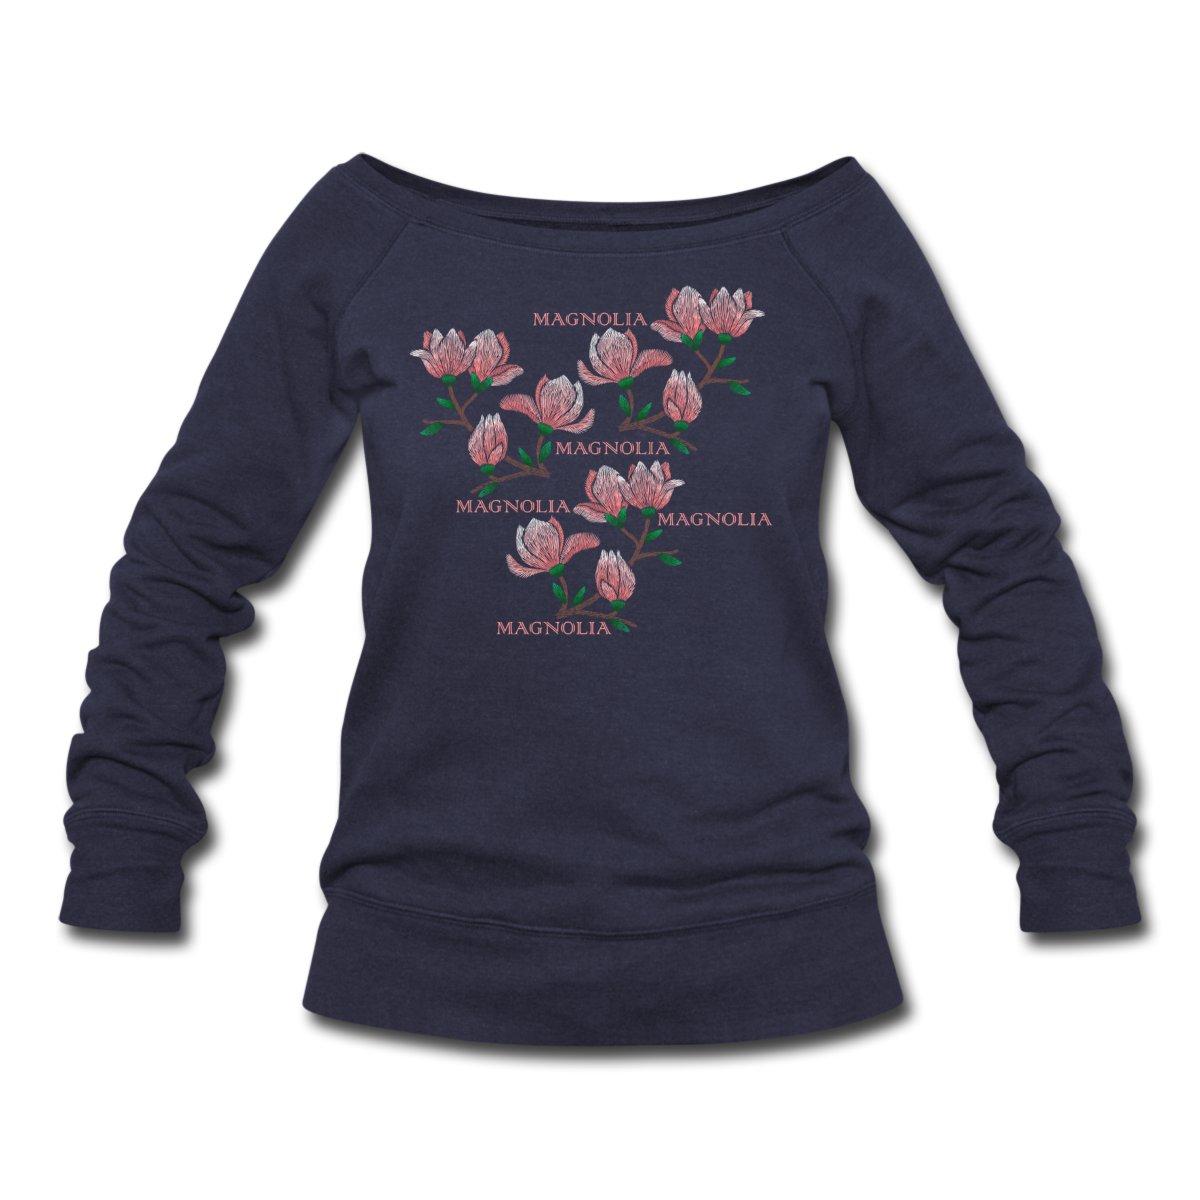 magnolia-laangaermad-troeja-med-baatringning-dam-fraan-bella.jpg